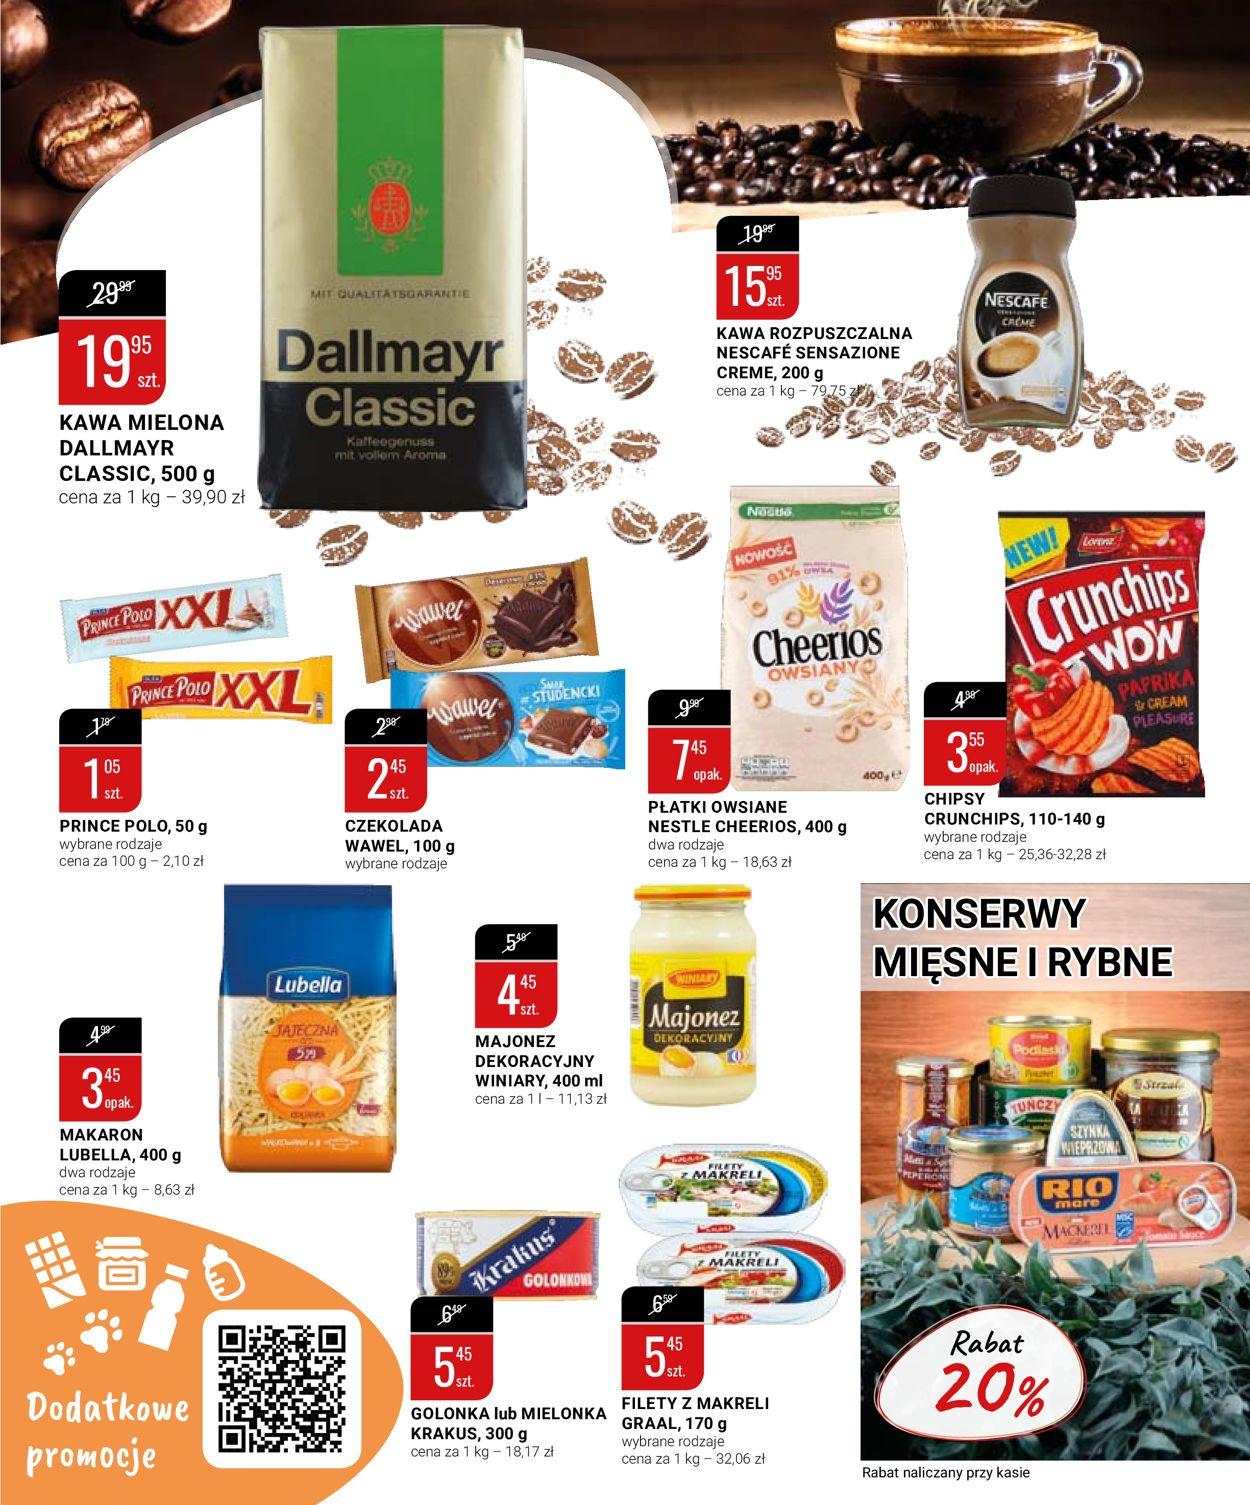 Gazetka promocyjna bi1 - 03.06-09.06.2020 (Strona 4)